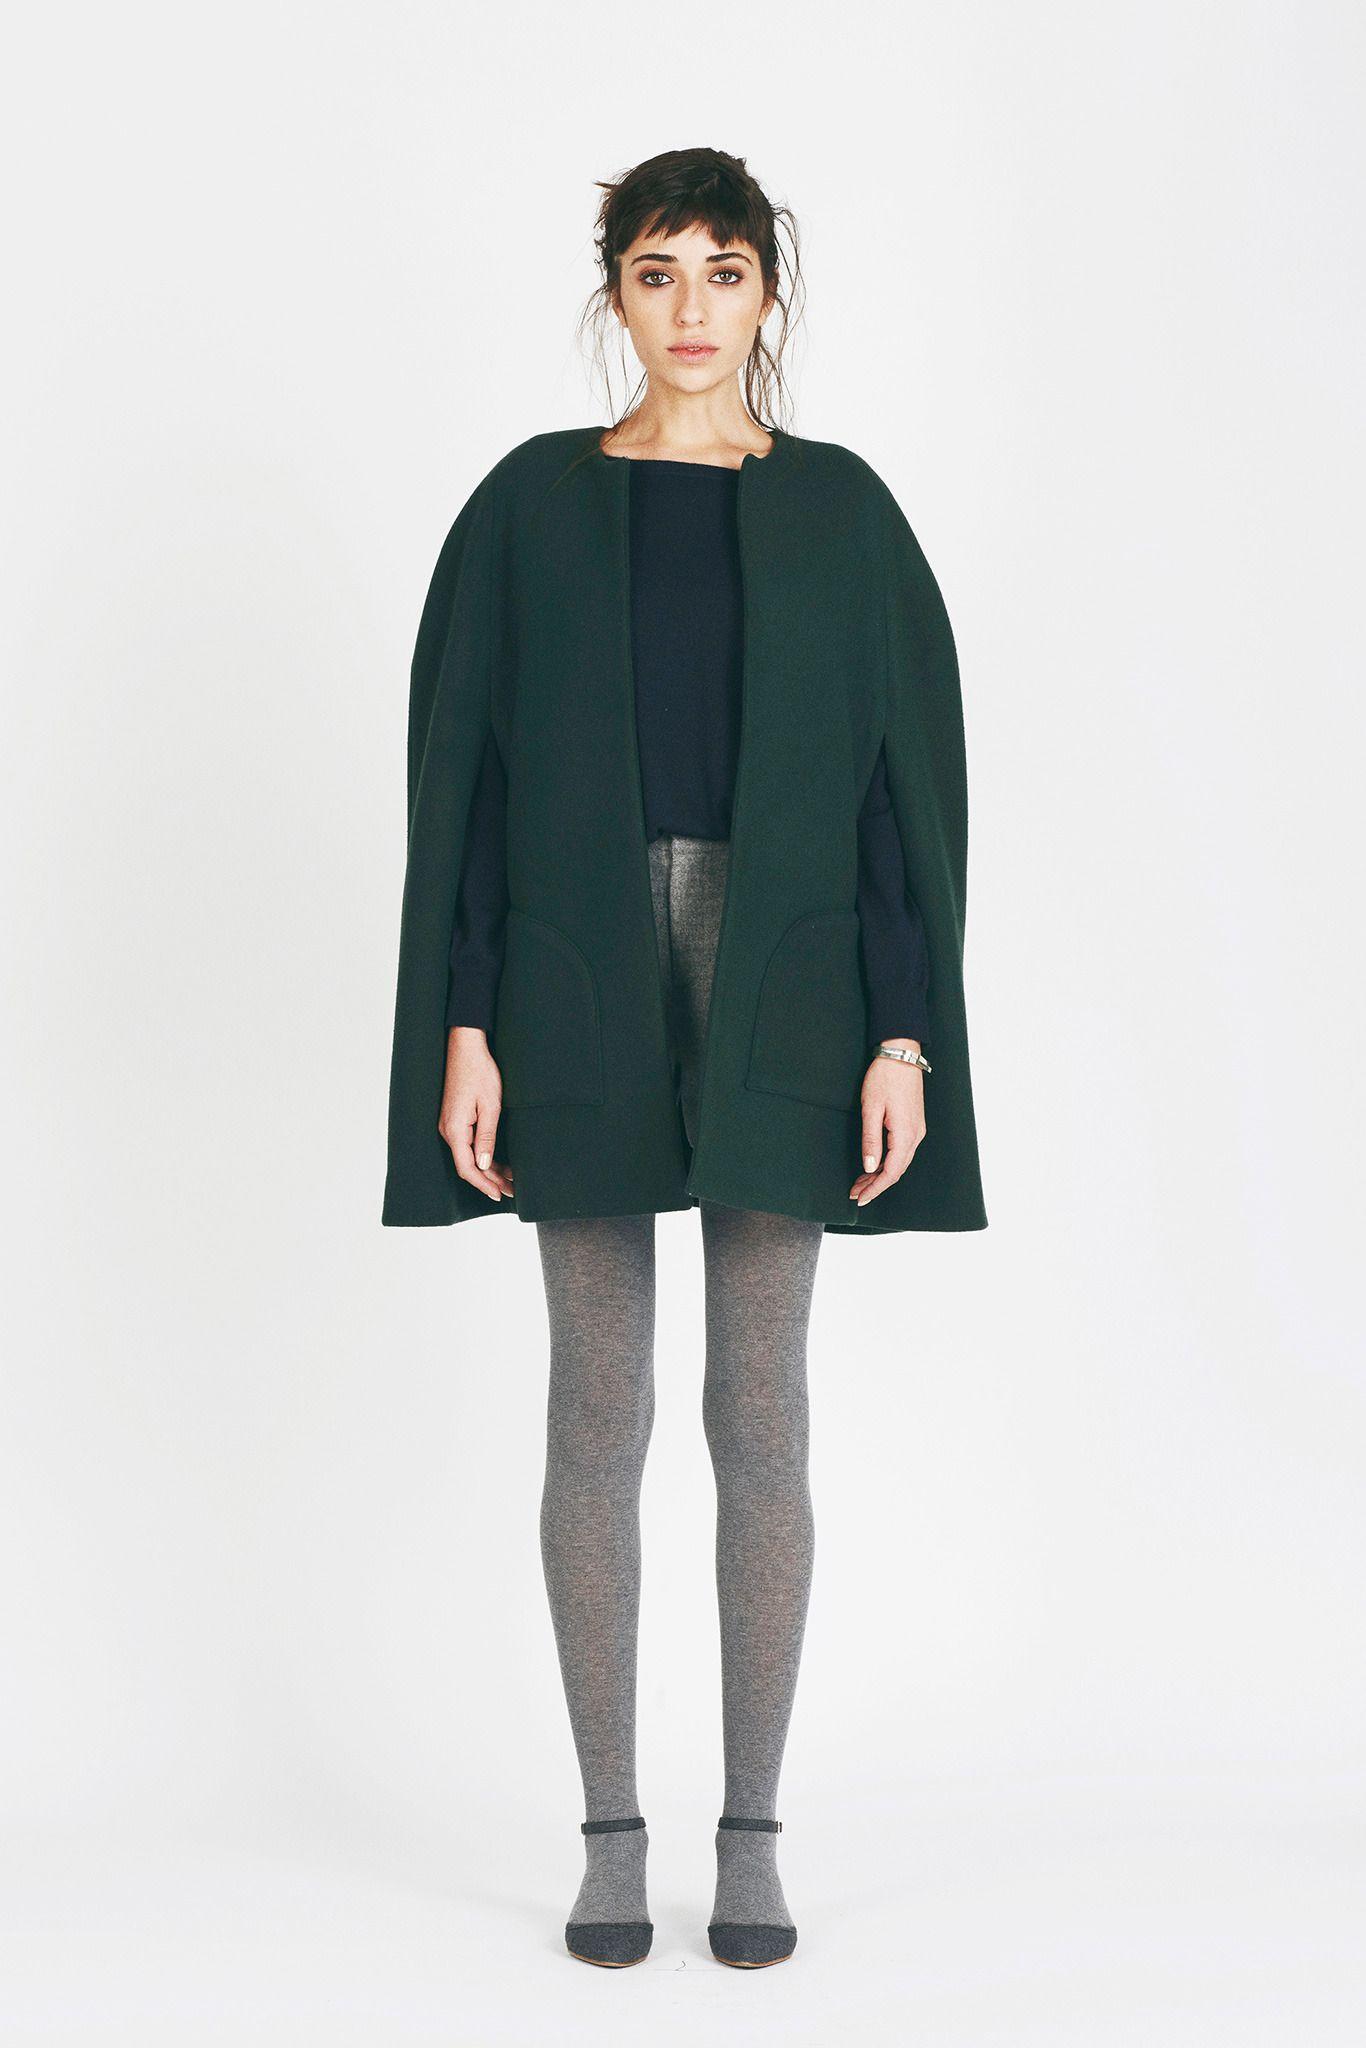 Fall 2014 Ready-to-Wear - Joie